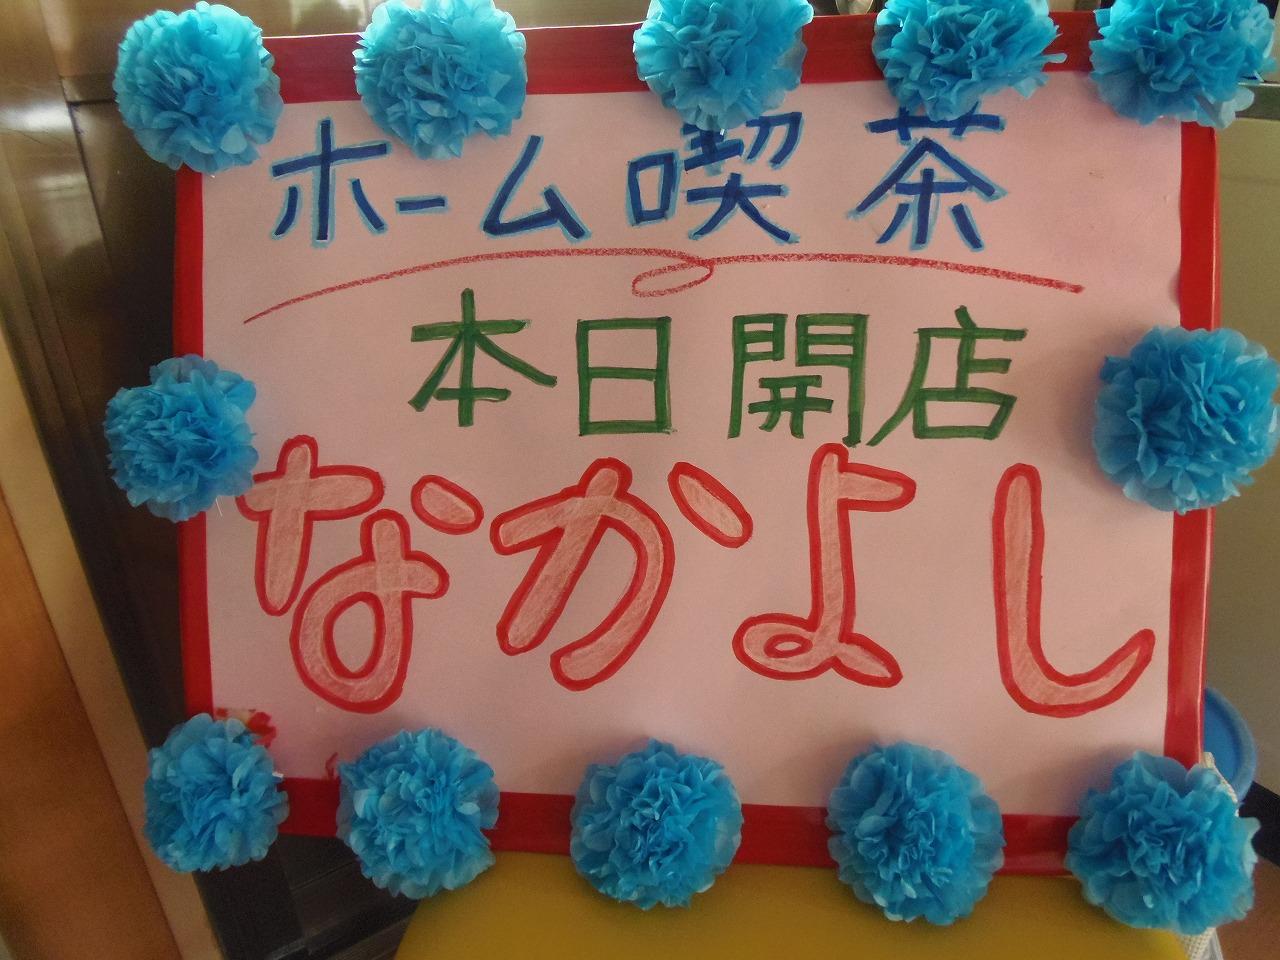 ホーム喫茶〜吾妻荘〜